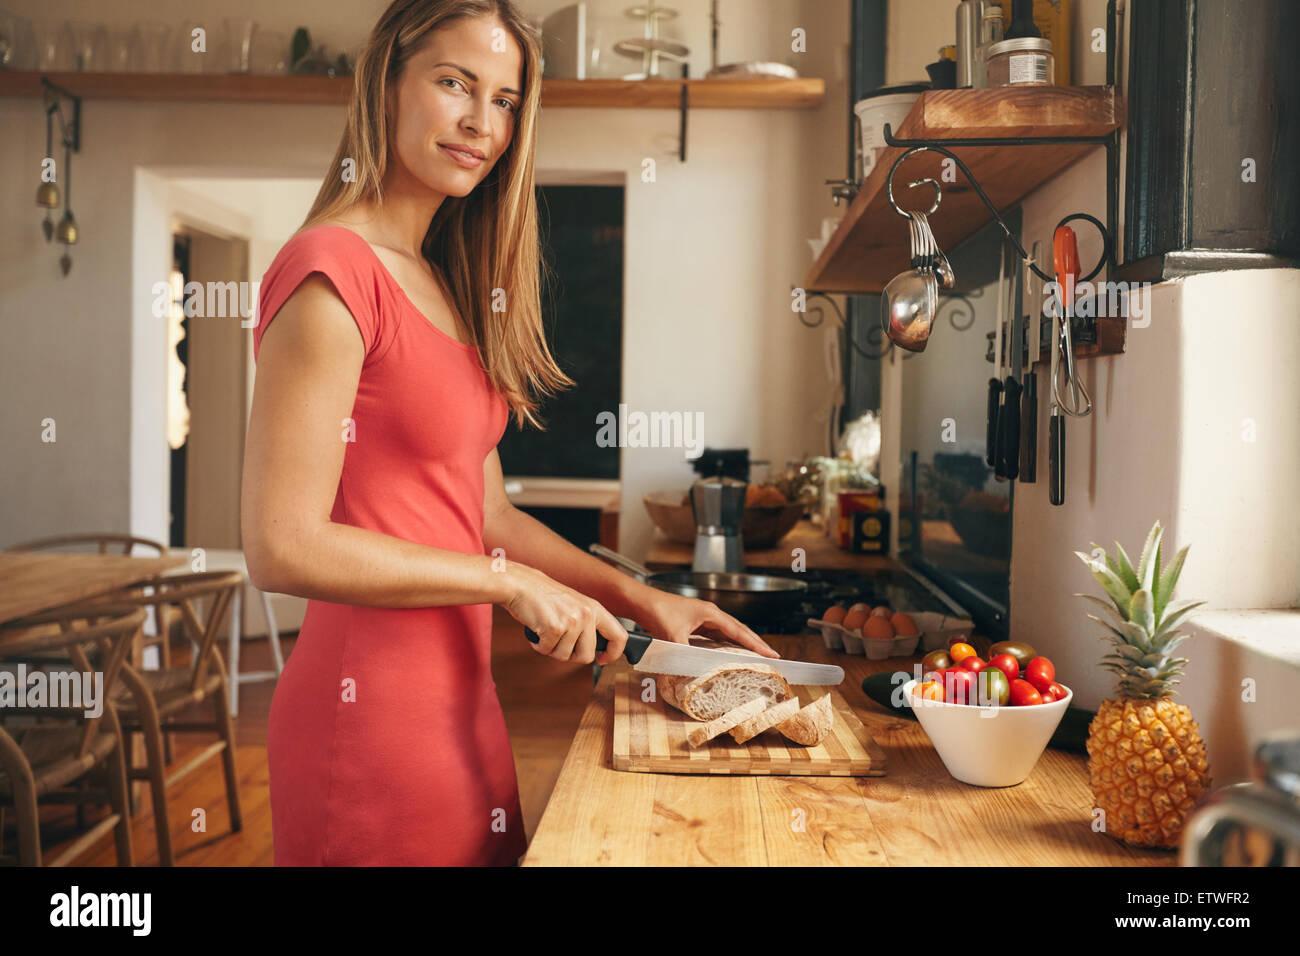 Schöne junge Frau schneidet ein frisch gebackenes Brot in der heimischen Küche. Kaukasische Frau Blick Stockbild